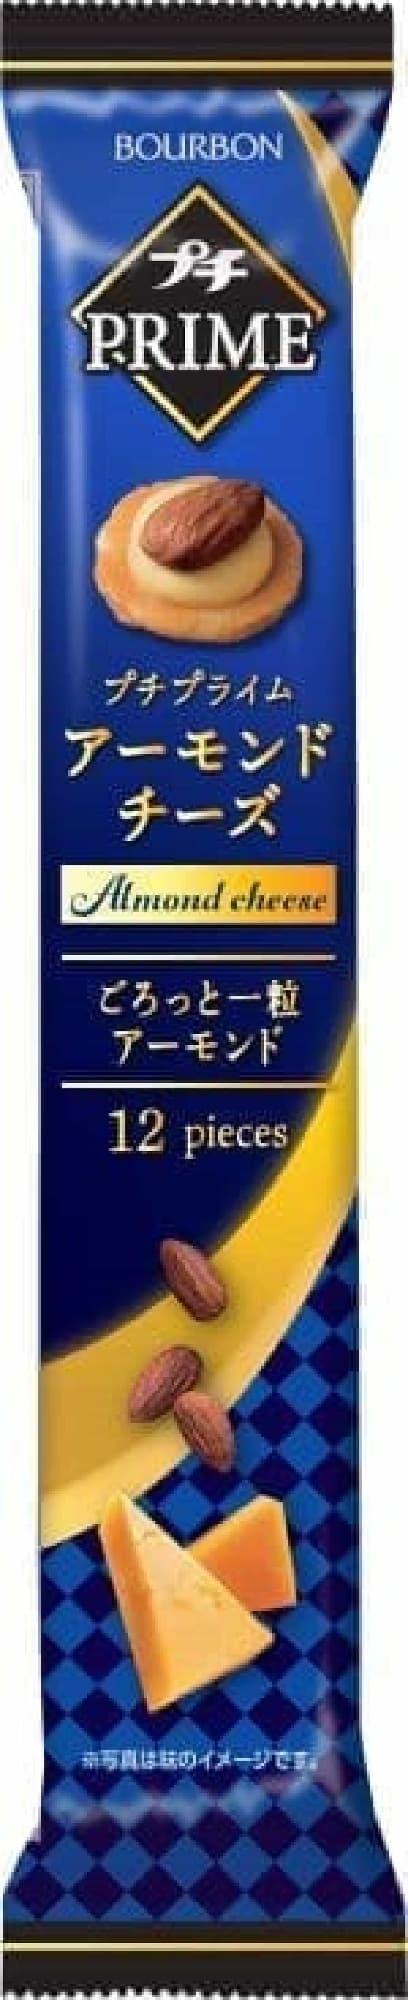 プチプライムアーモンドチーズ